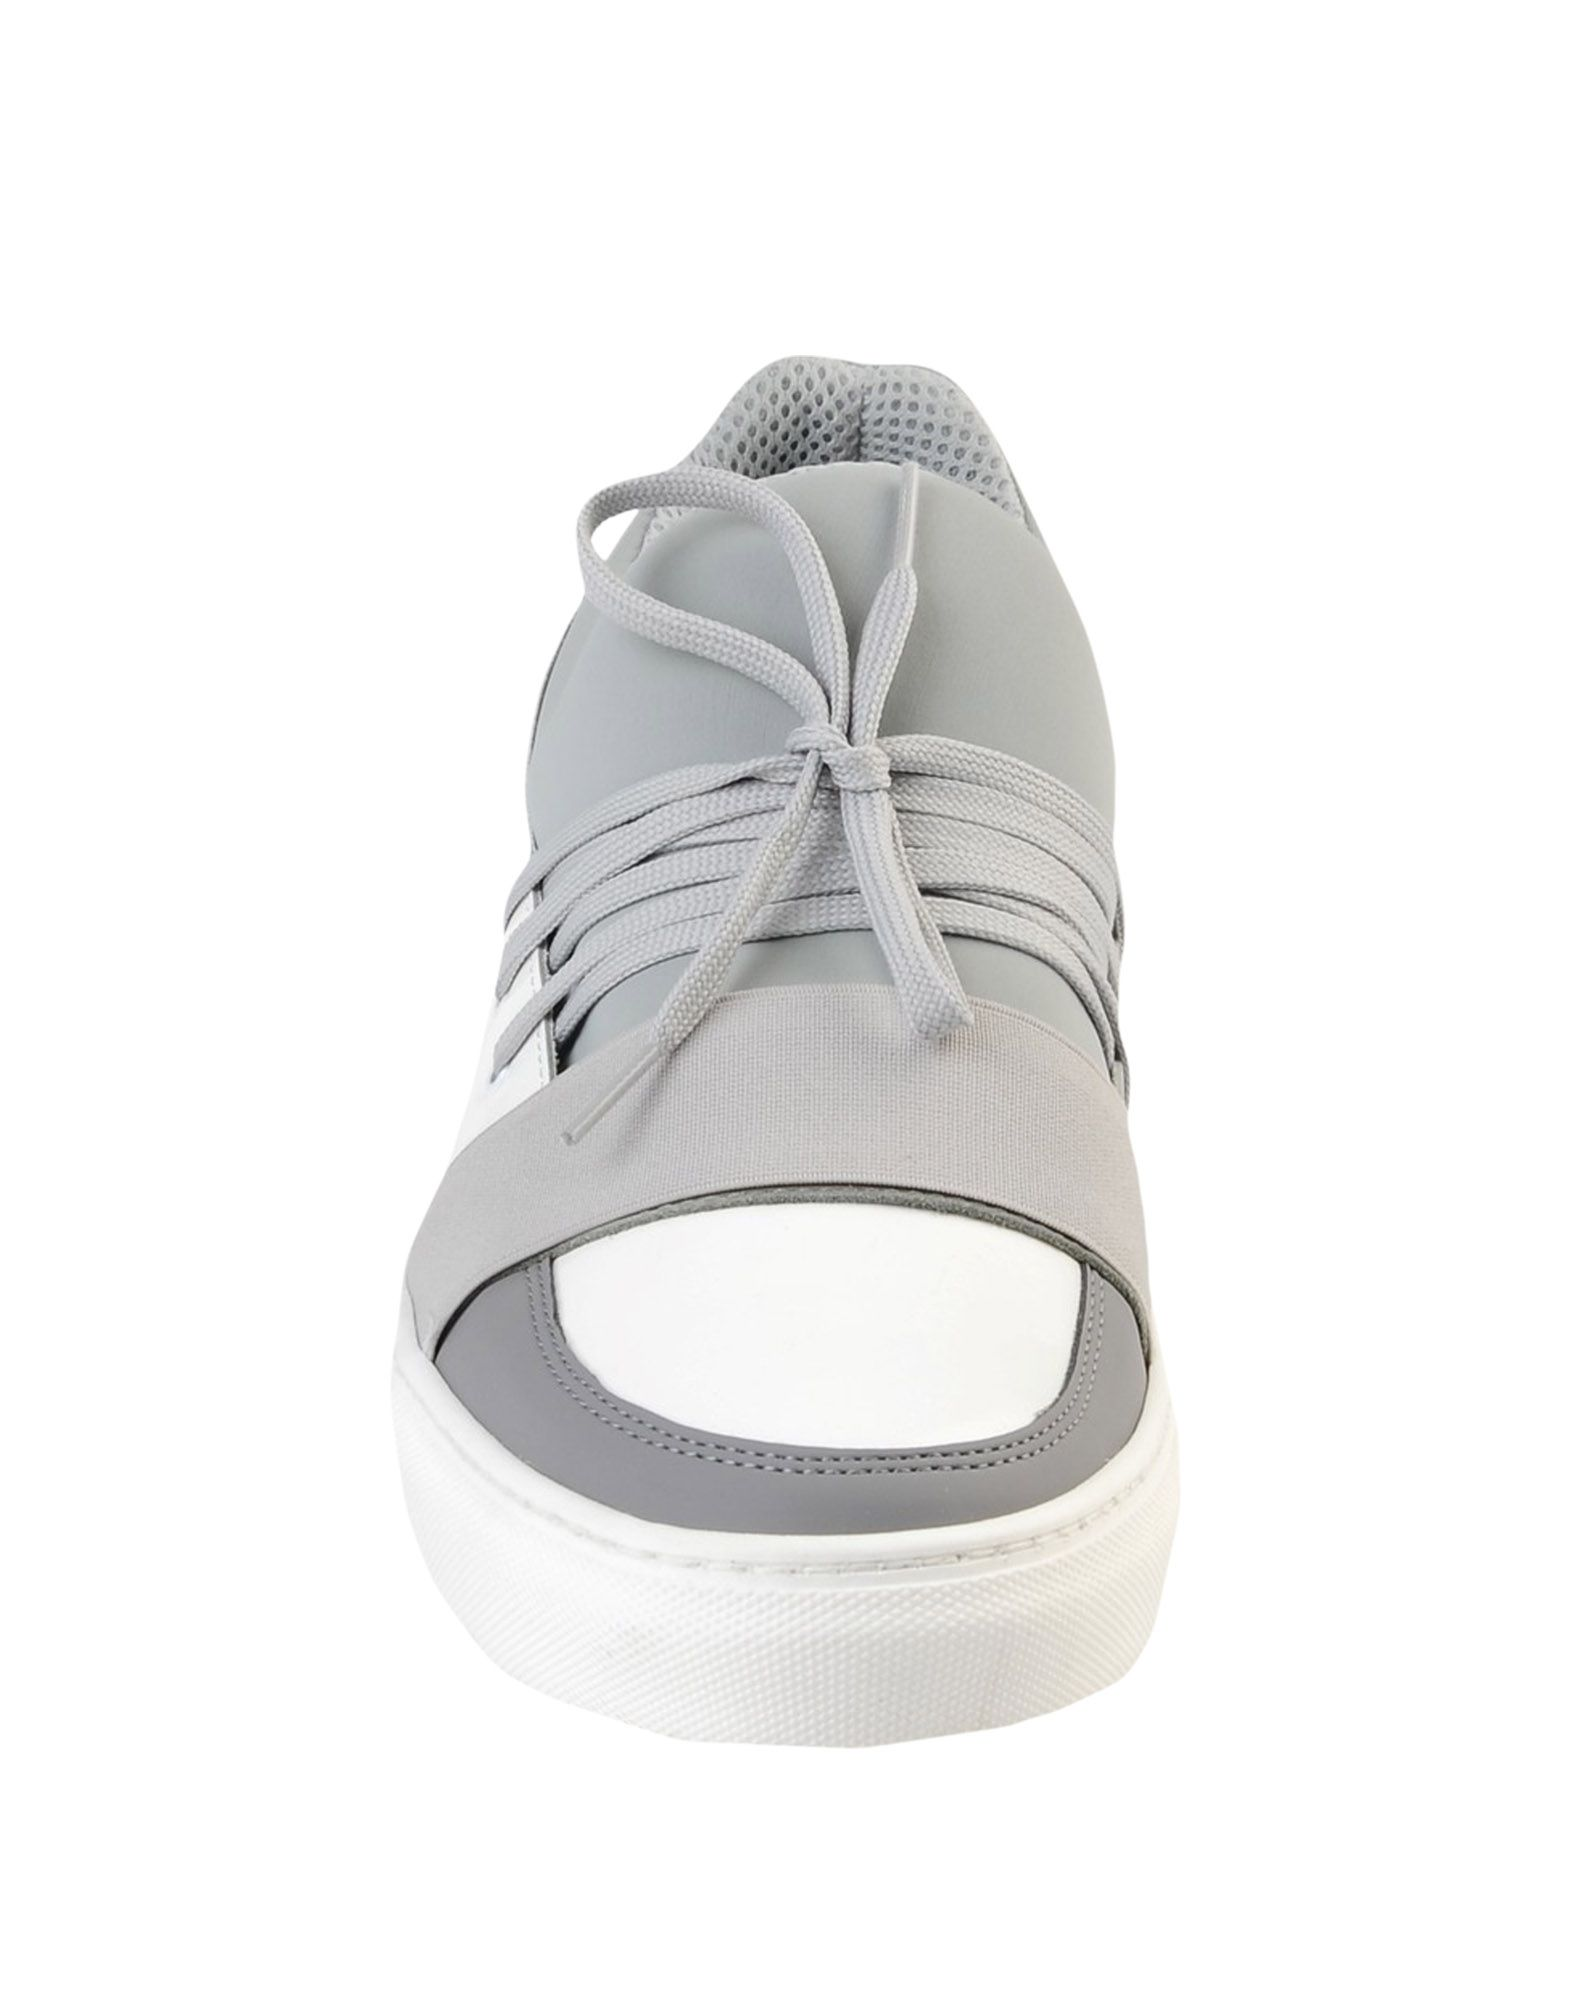 Pierre Darré Sneakers 11536181GO Herren  11536181GO Sneakers Neue Schuhe 3d5f9d